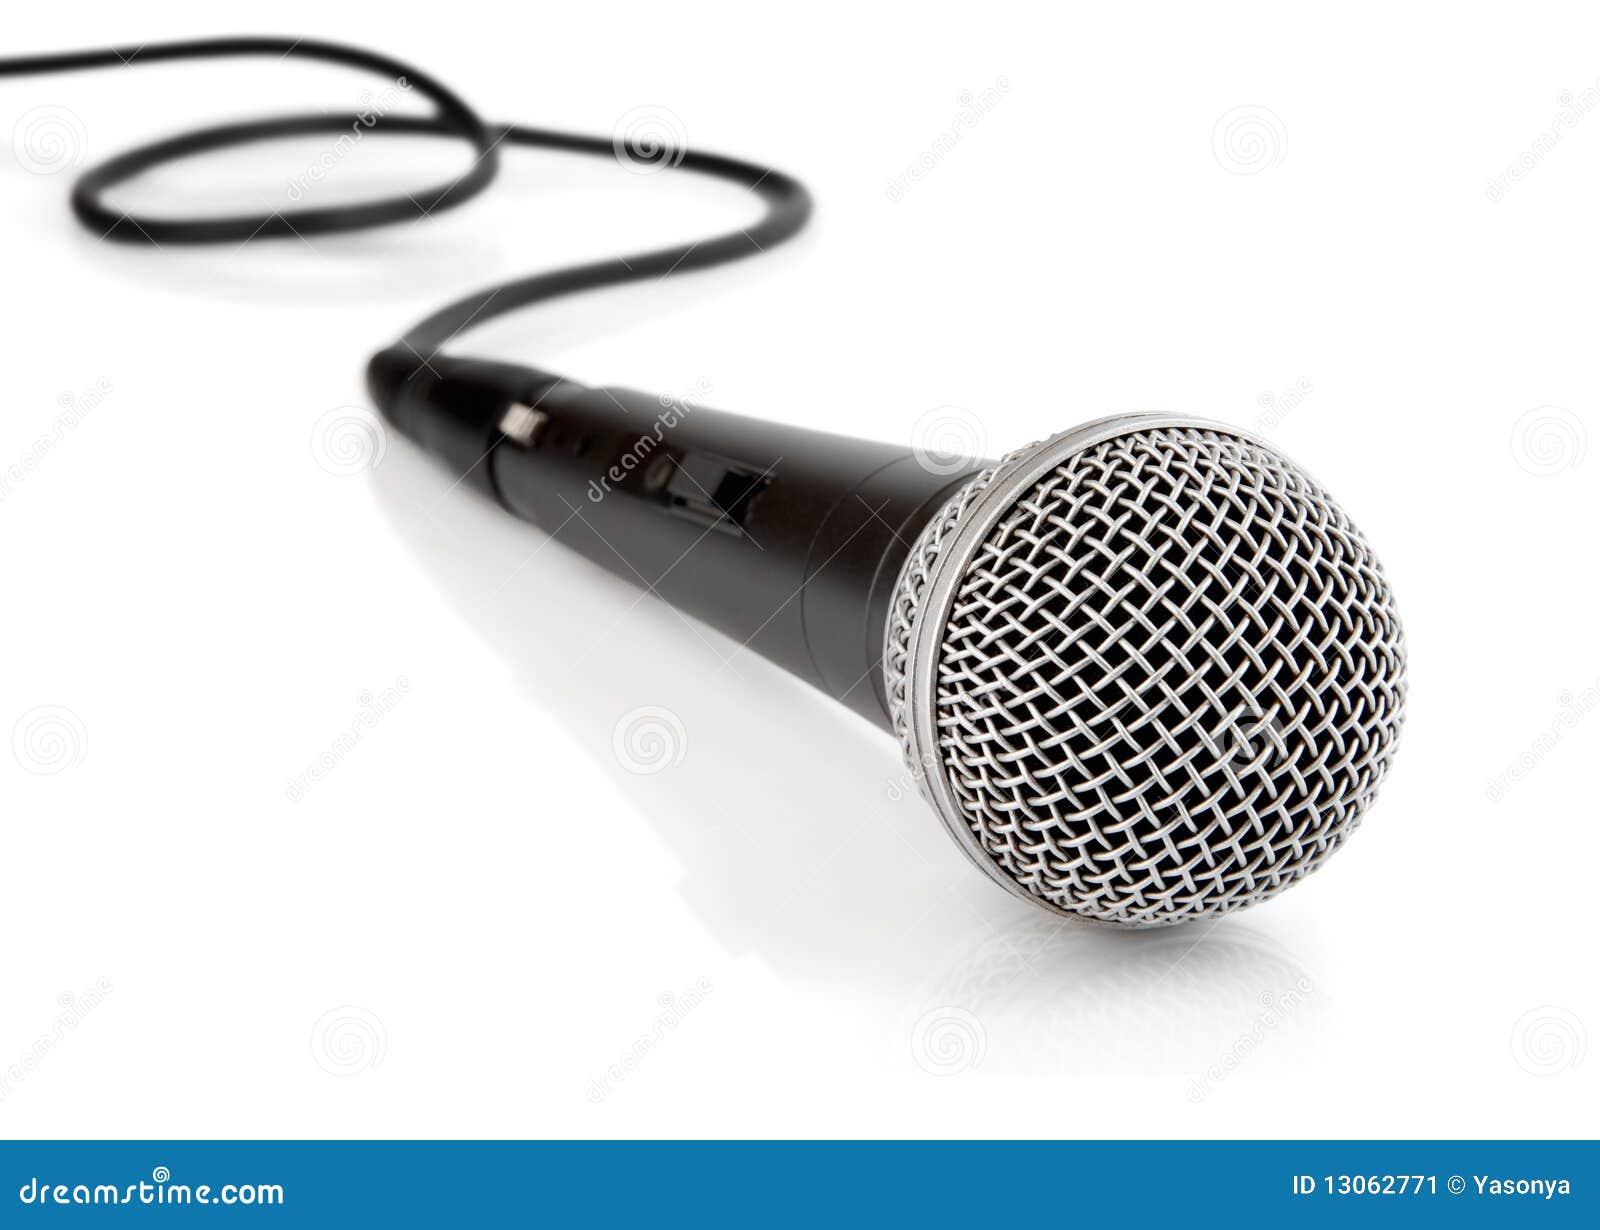 Как сделать чтобы микрофон не фонил на компьютер